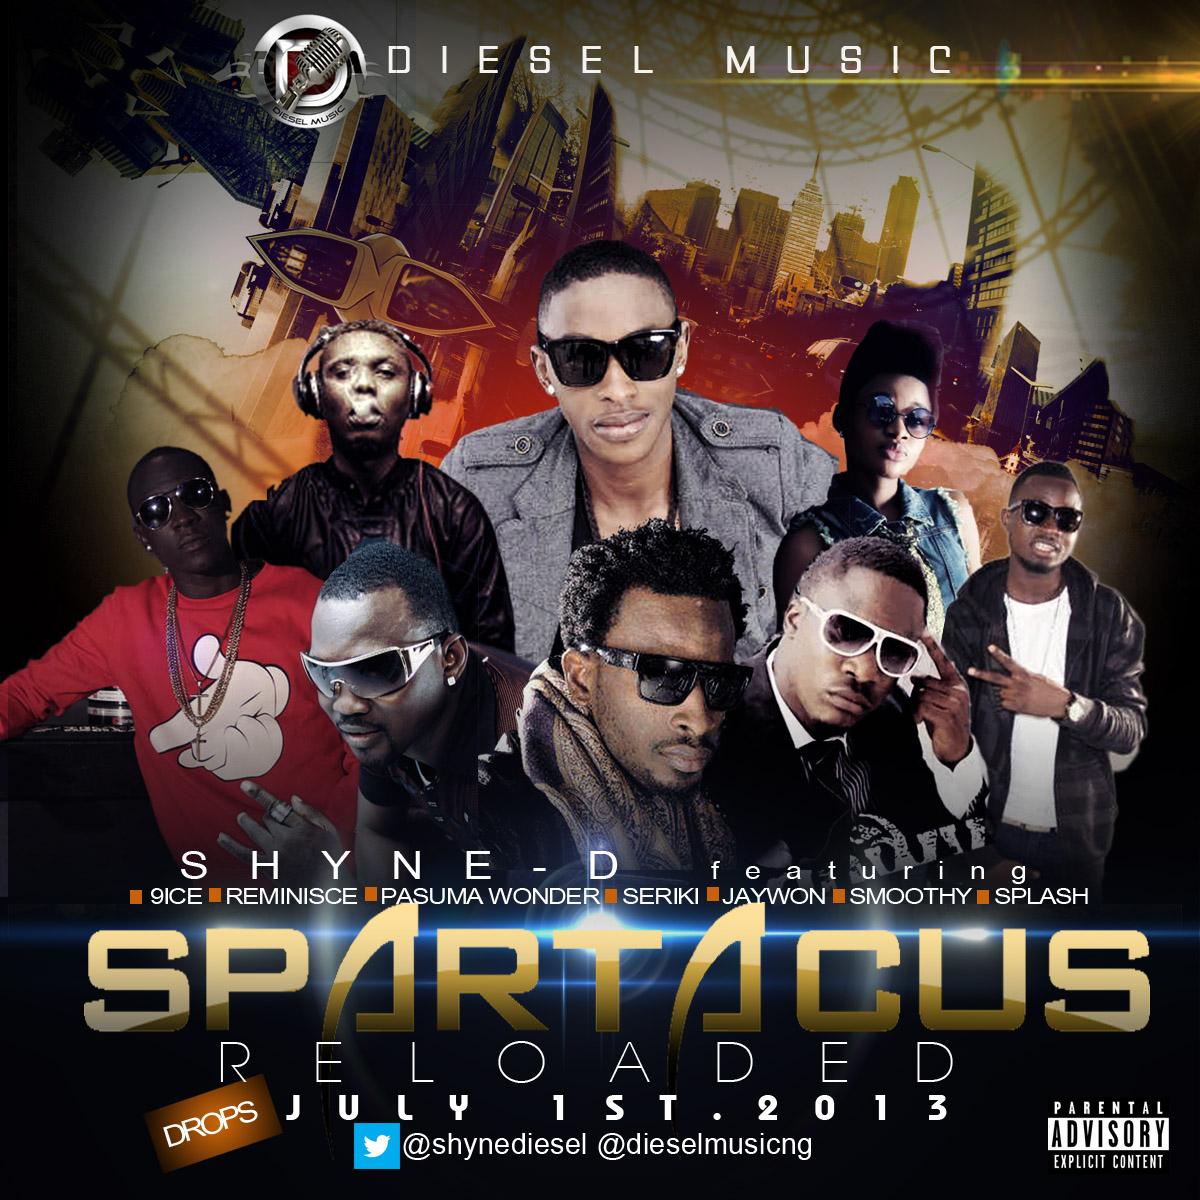 Shyne D - Spartacus Reloaded ft 9ice, Reminisce, Pasuma Wonder, Seriki, Jaywon, Smoothy & Splash